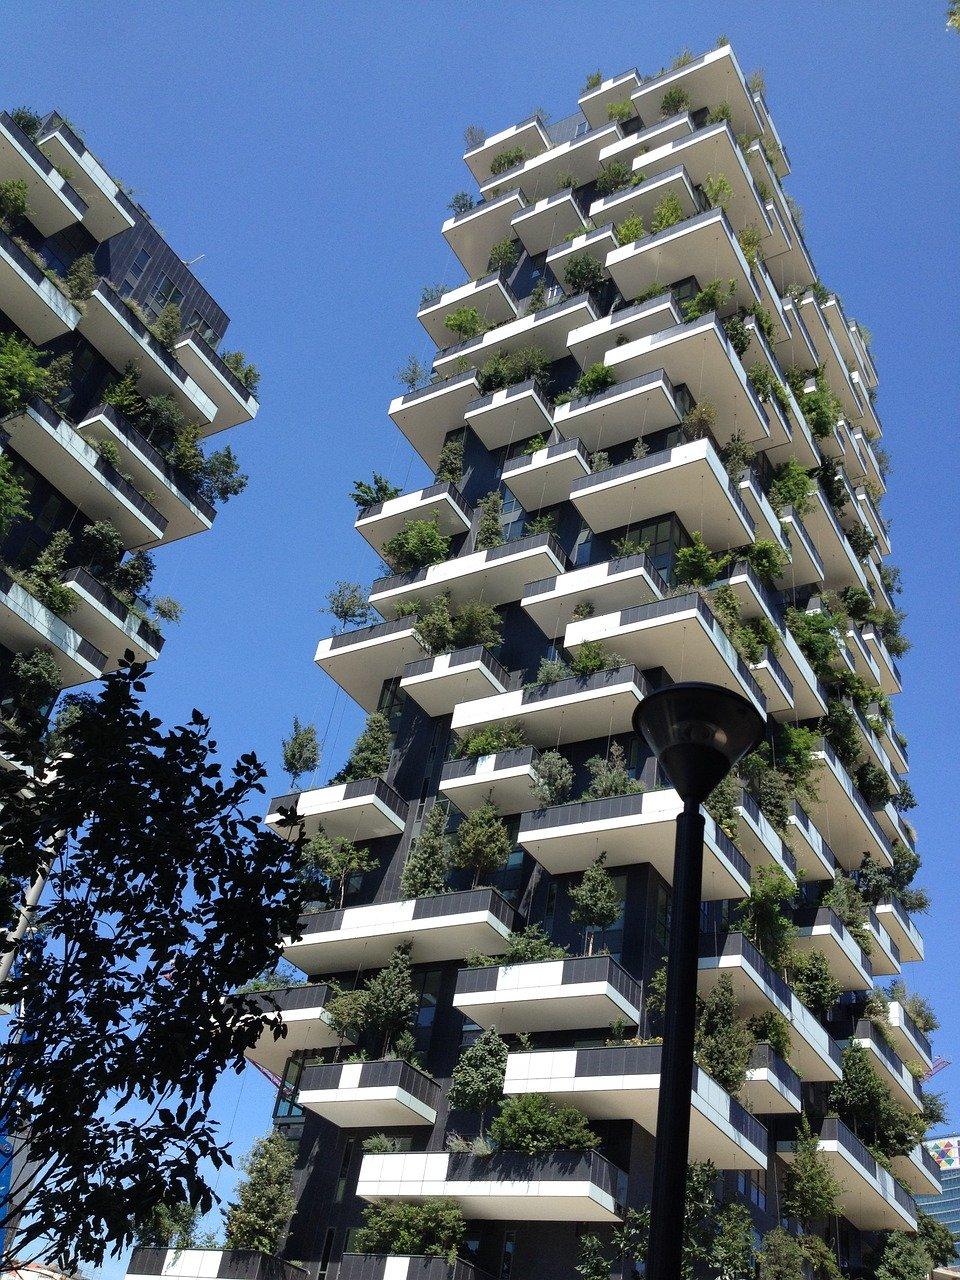 borghi - un palazzo molto alto con alberi ai balconi  - villages - a very high building with trees on the balconies